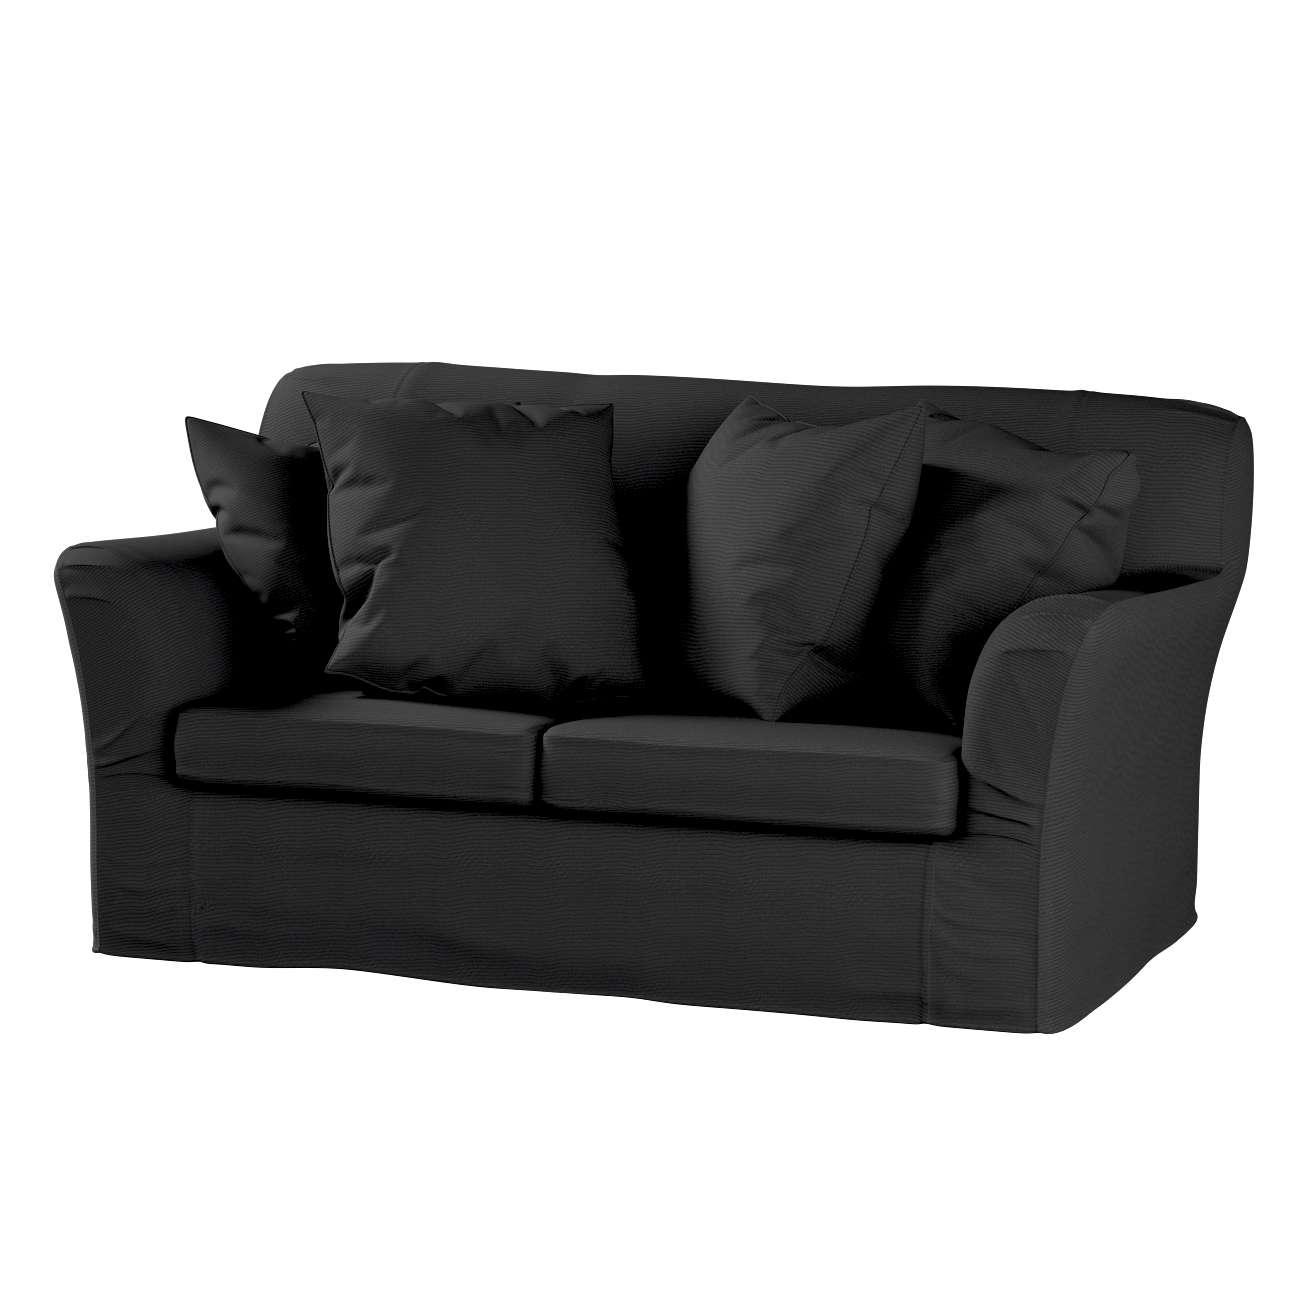 Tomelilla 2-seater sofa cover Tomelilla 2-seat sofa in collection Etna, fabric: 705-00